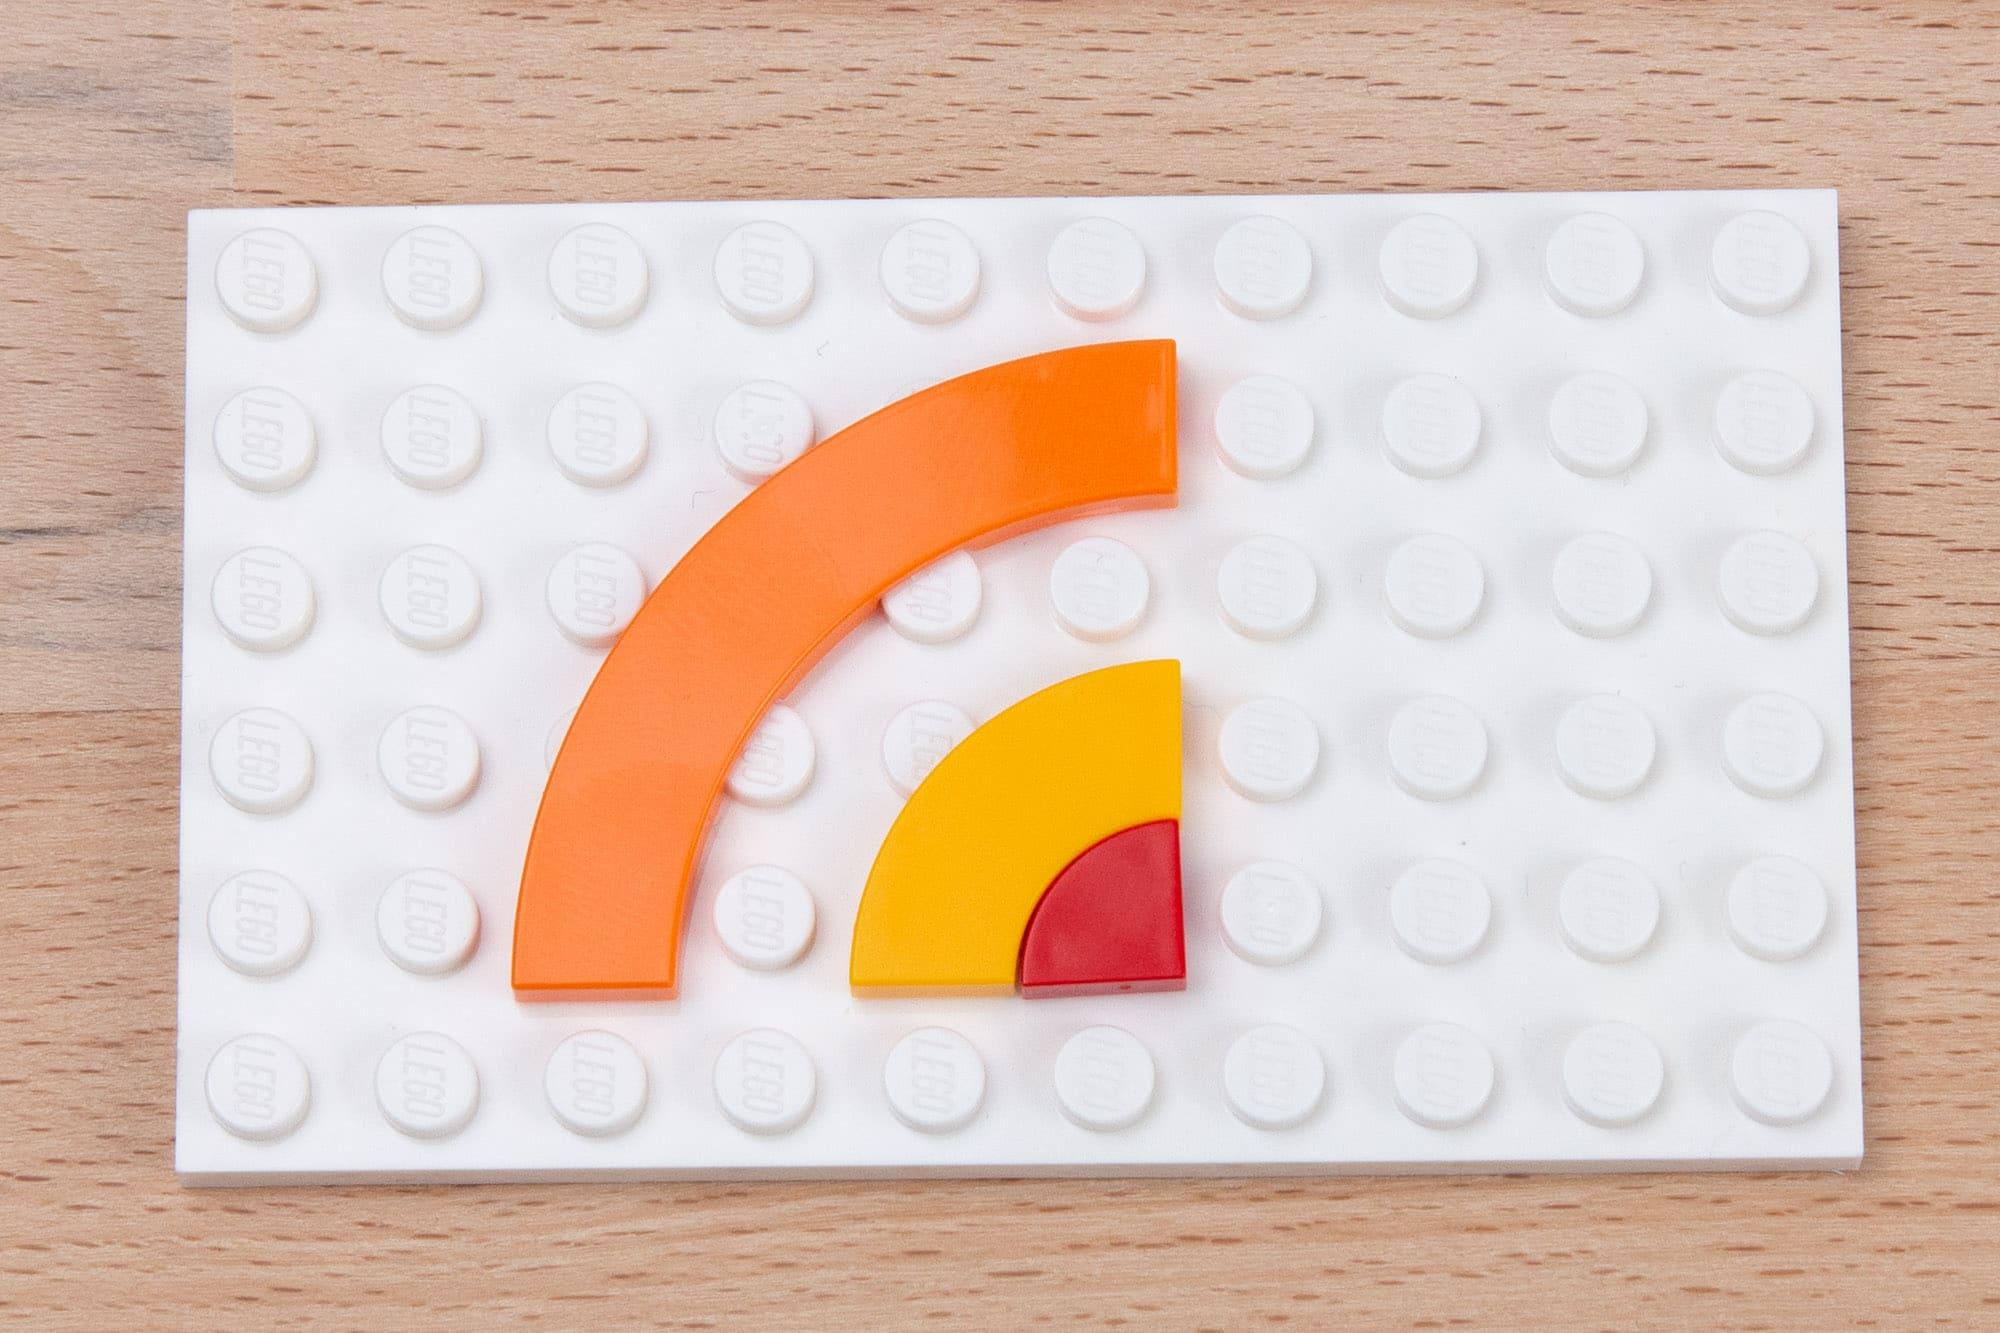 LEGO 3x3 Viertelrund